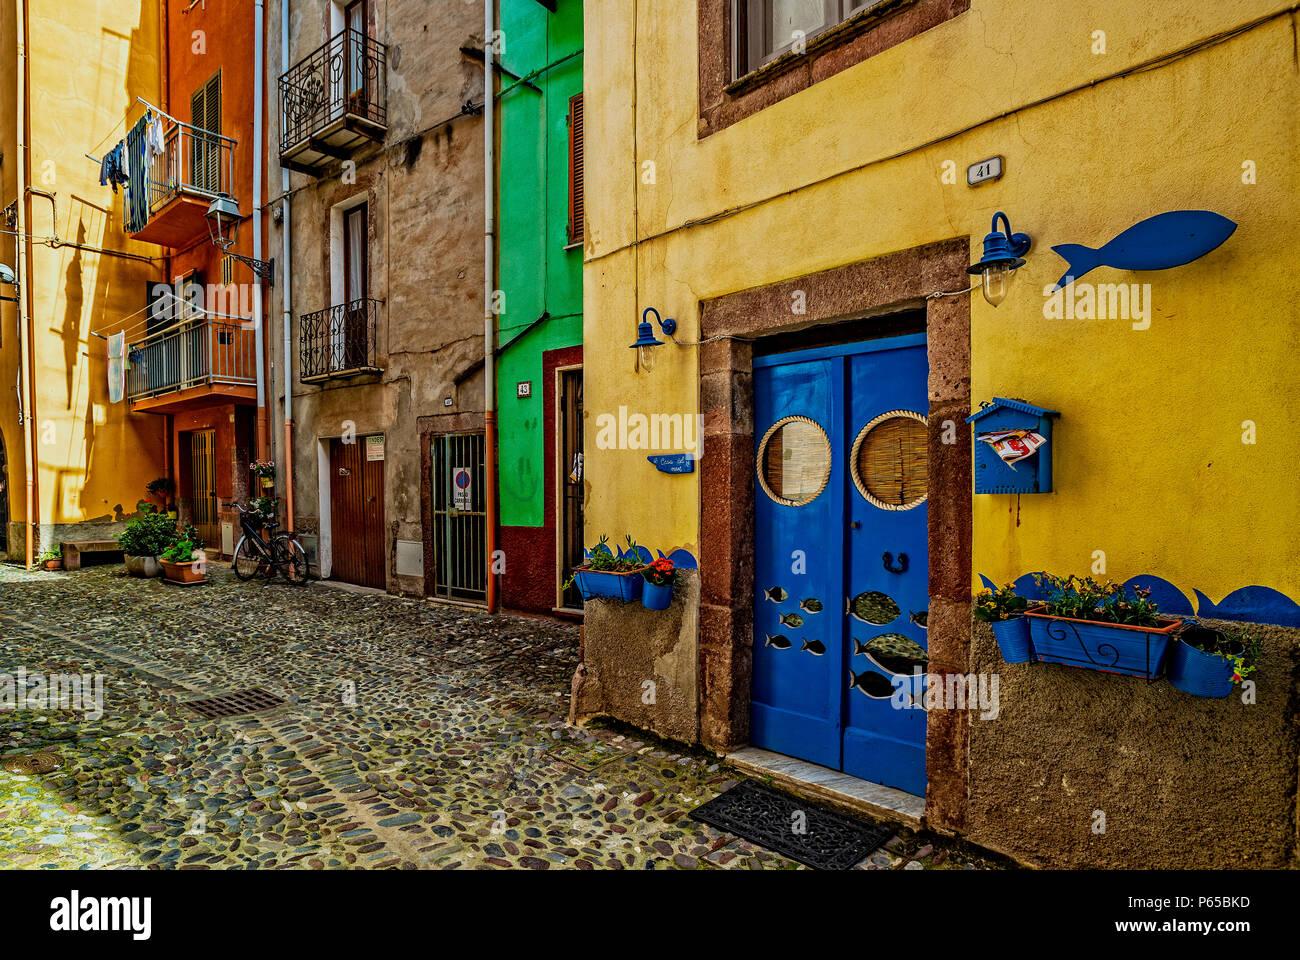 Italia Sardegna Bosa,centro storico,case colorate Foto stock - Alamy